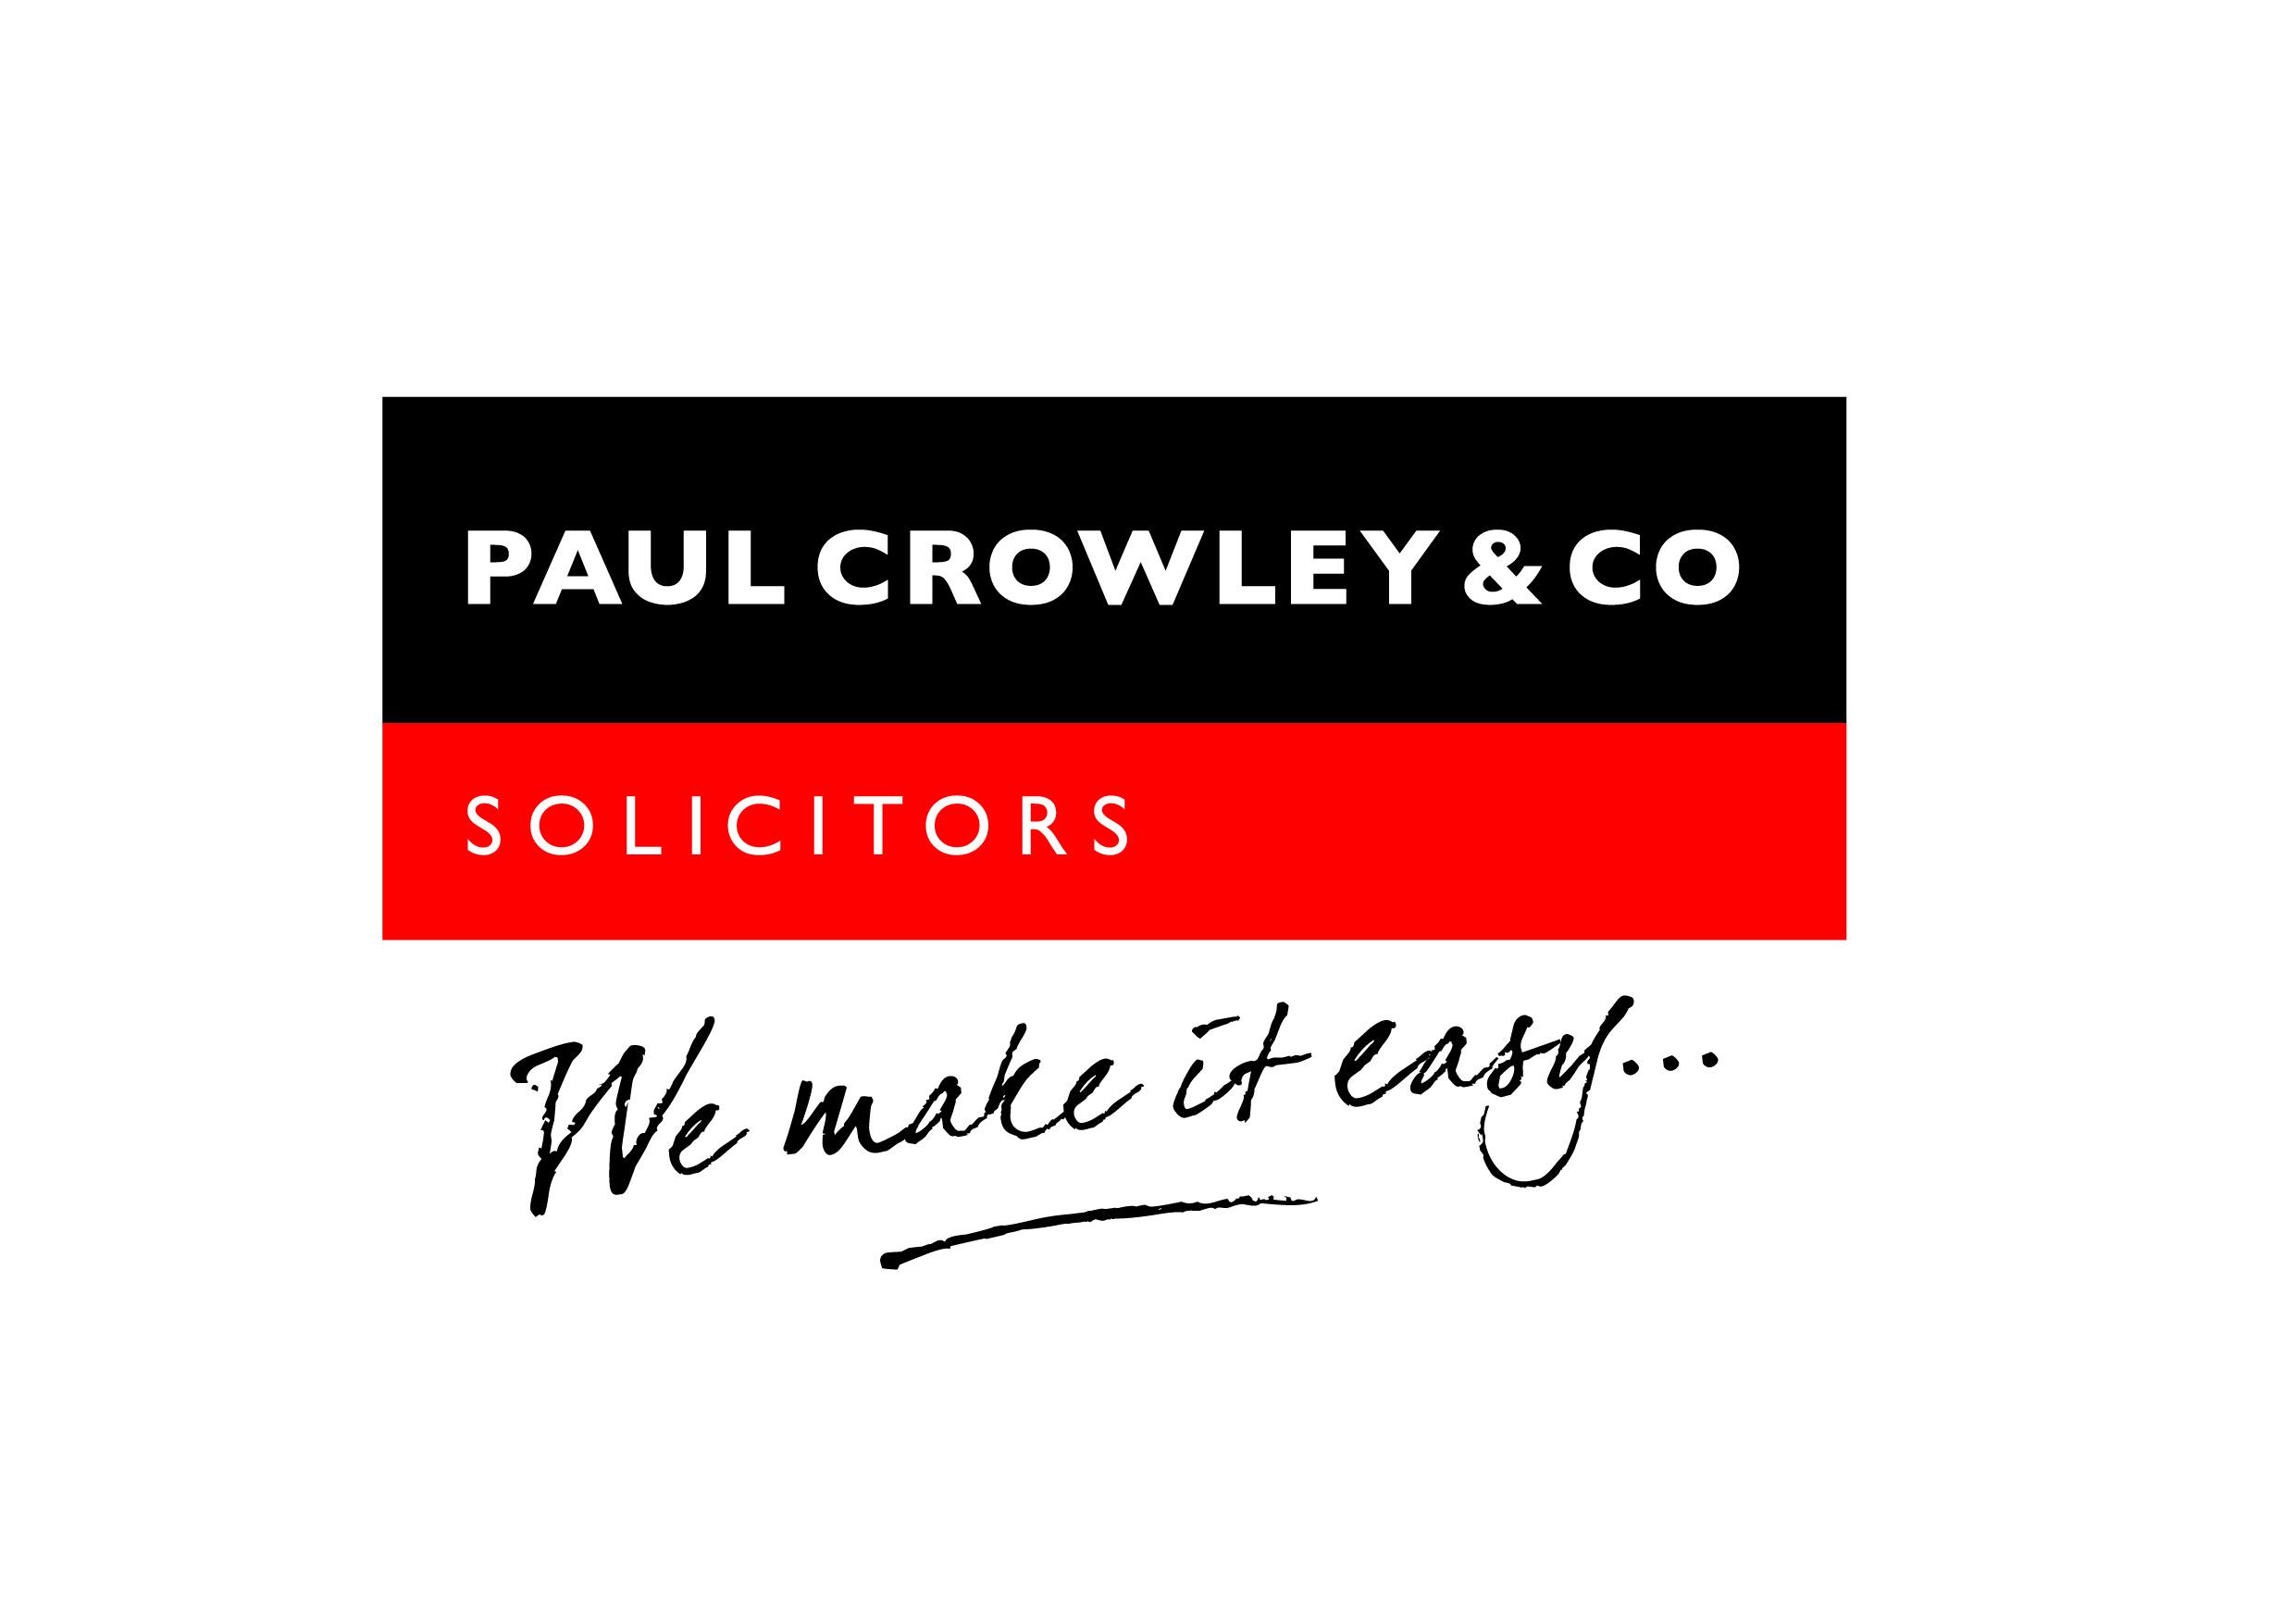 Paul Crowley & Co